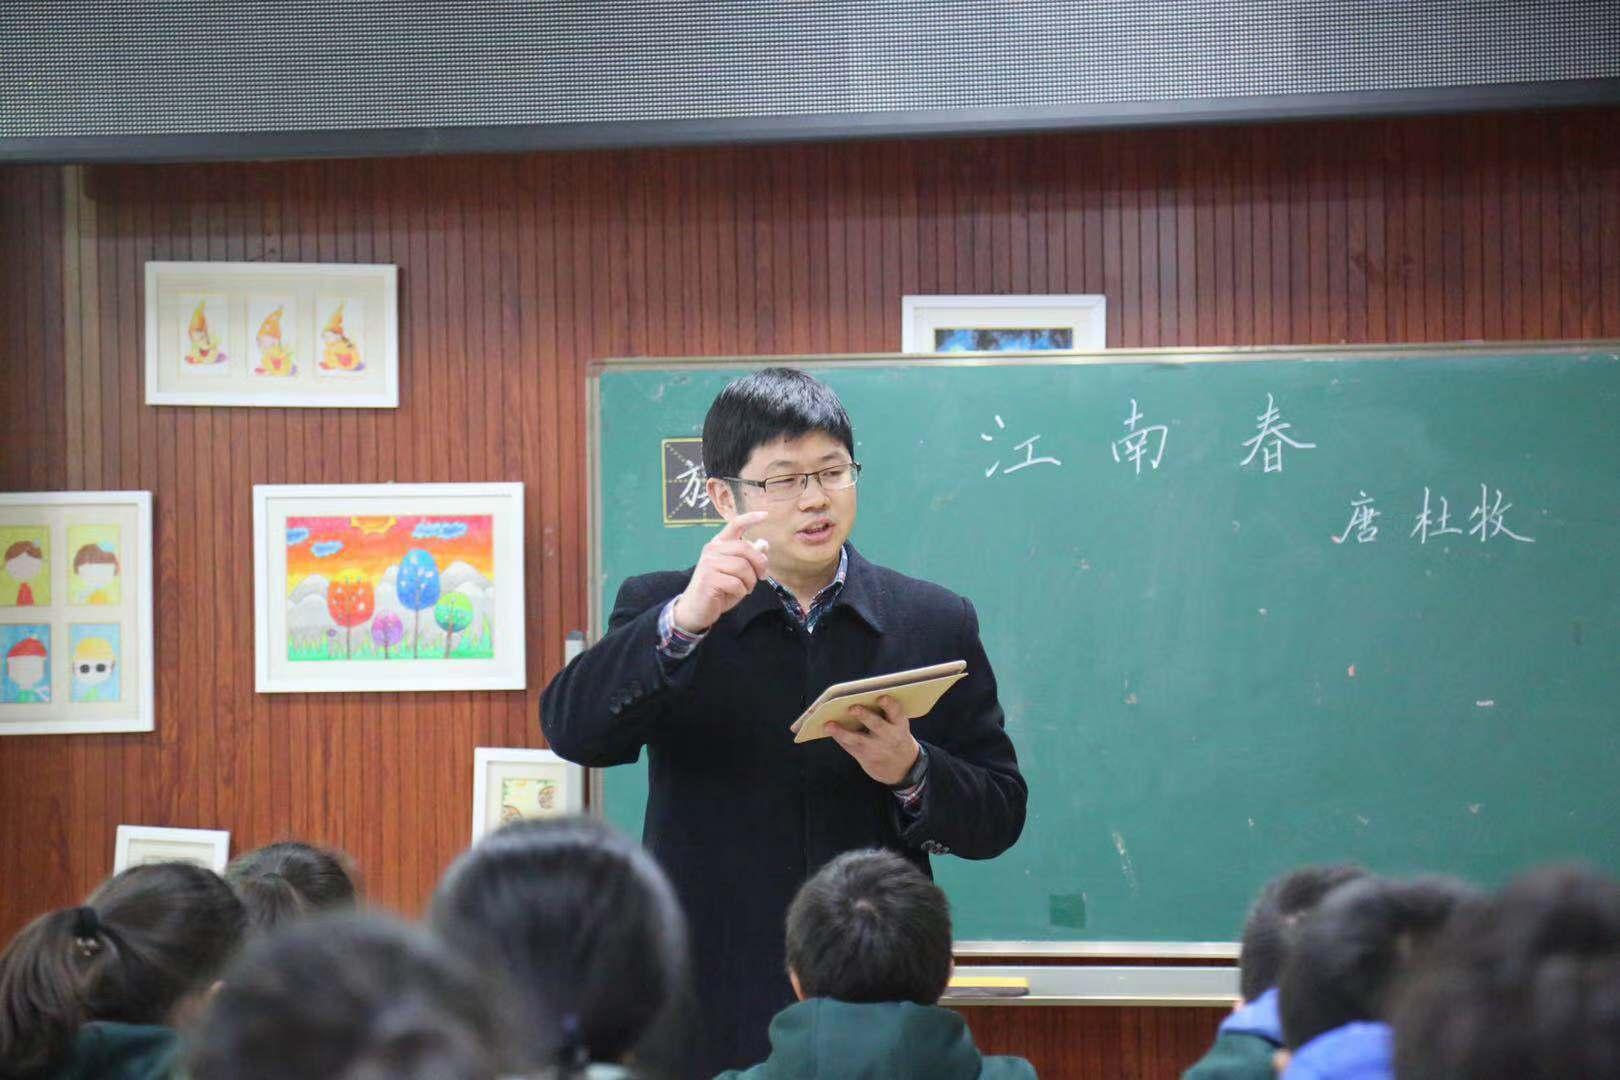 王勇波老师利用焦点智慧课堂系统展示的一节精彩的智慧课堂——《江南春》